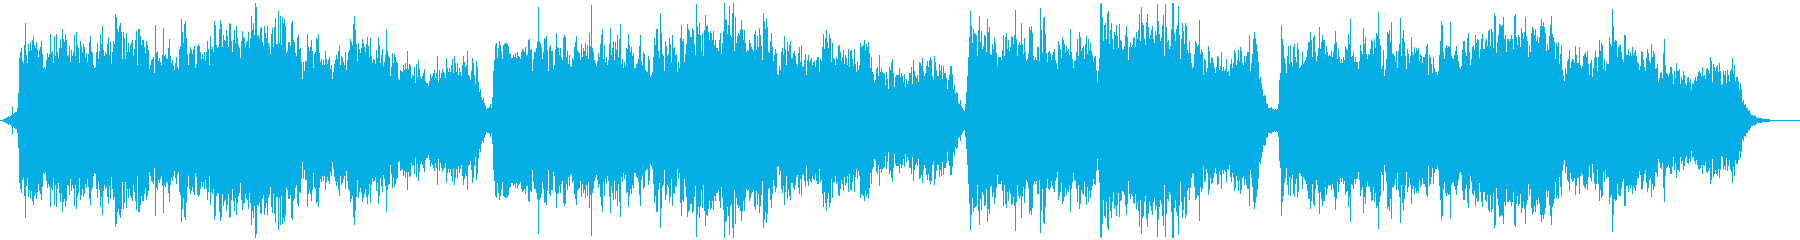 ヨガやマッサージ用リラクゼーションBGMの再生済みの波形